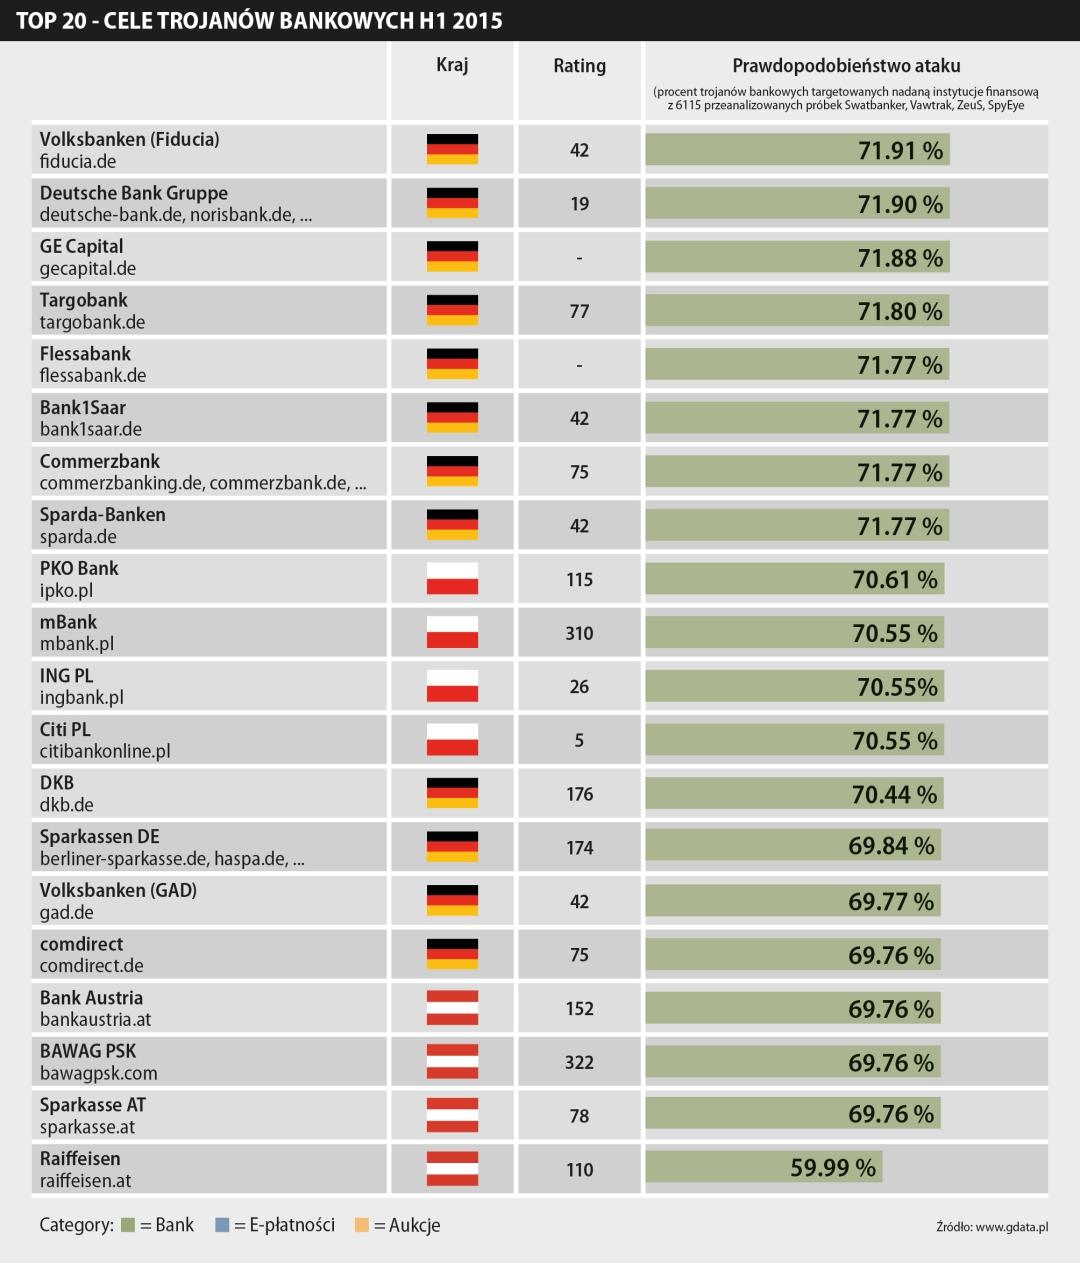 Top20 - cele trojanów bankowych w pierwszej połowie 2015 roku